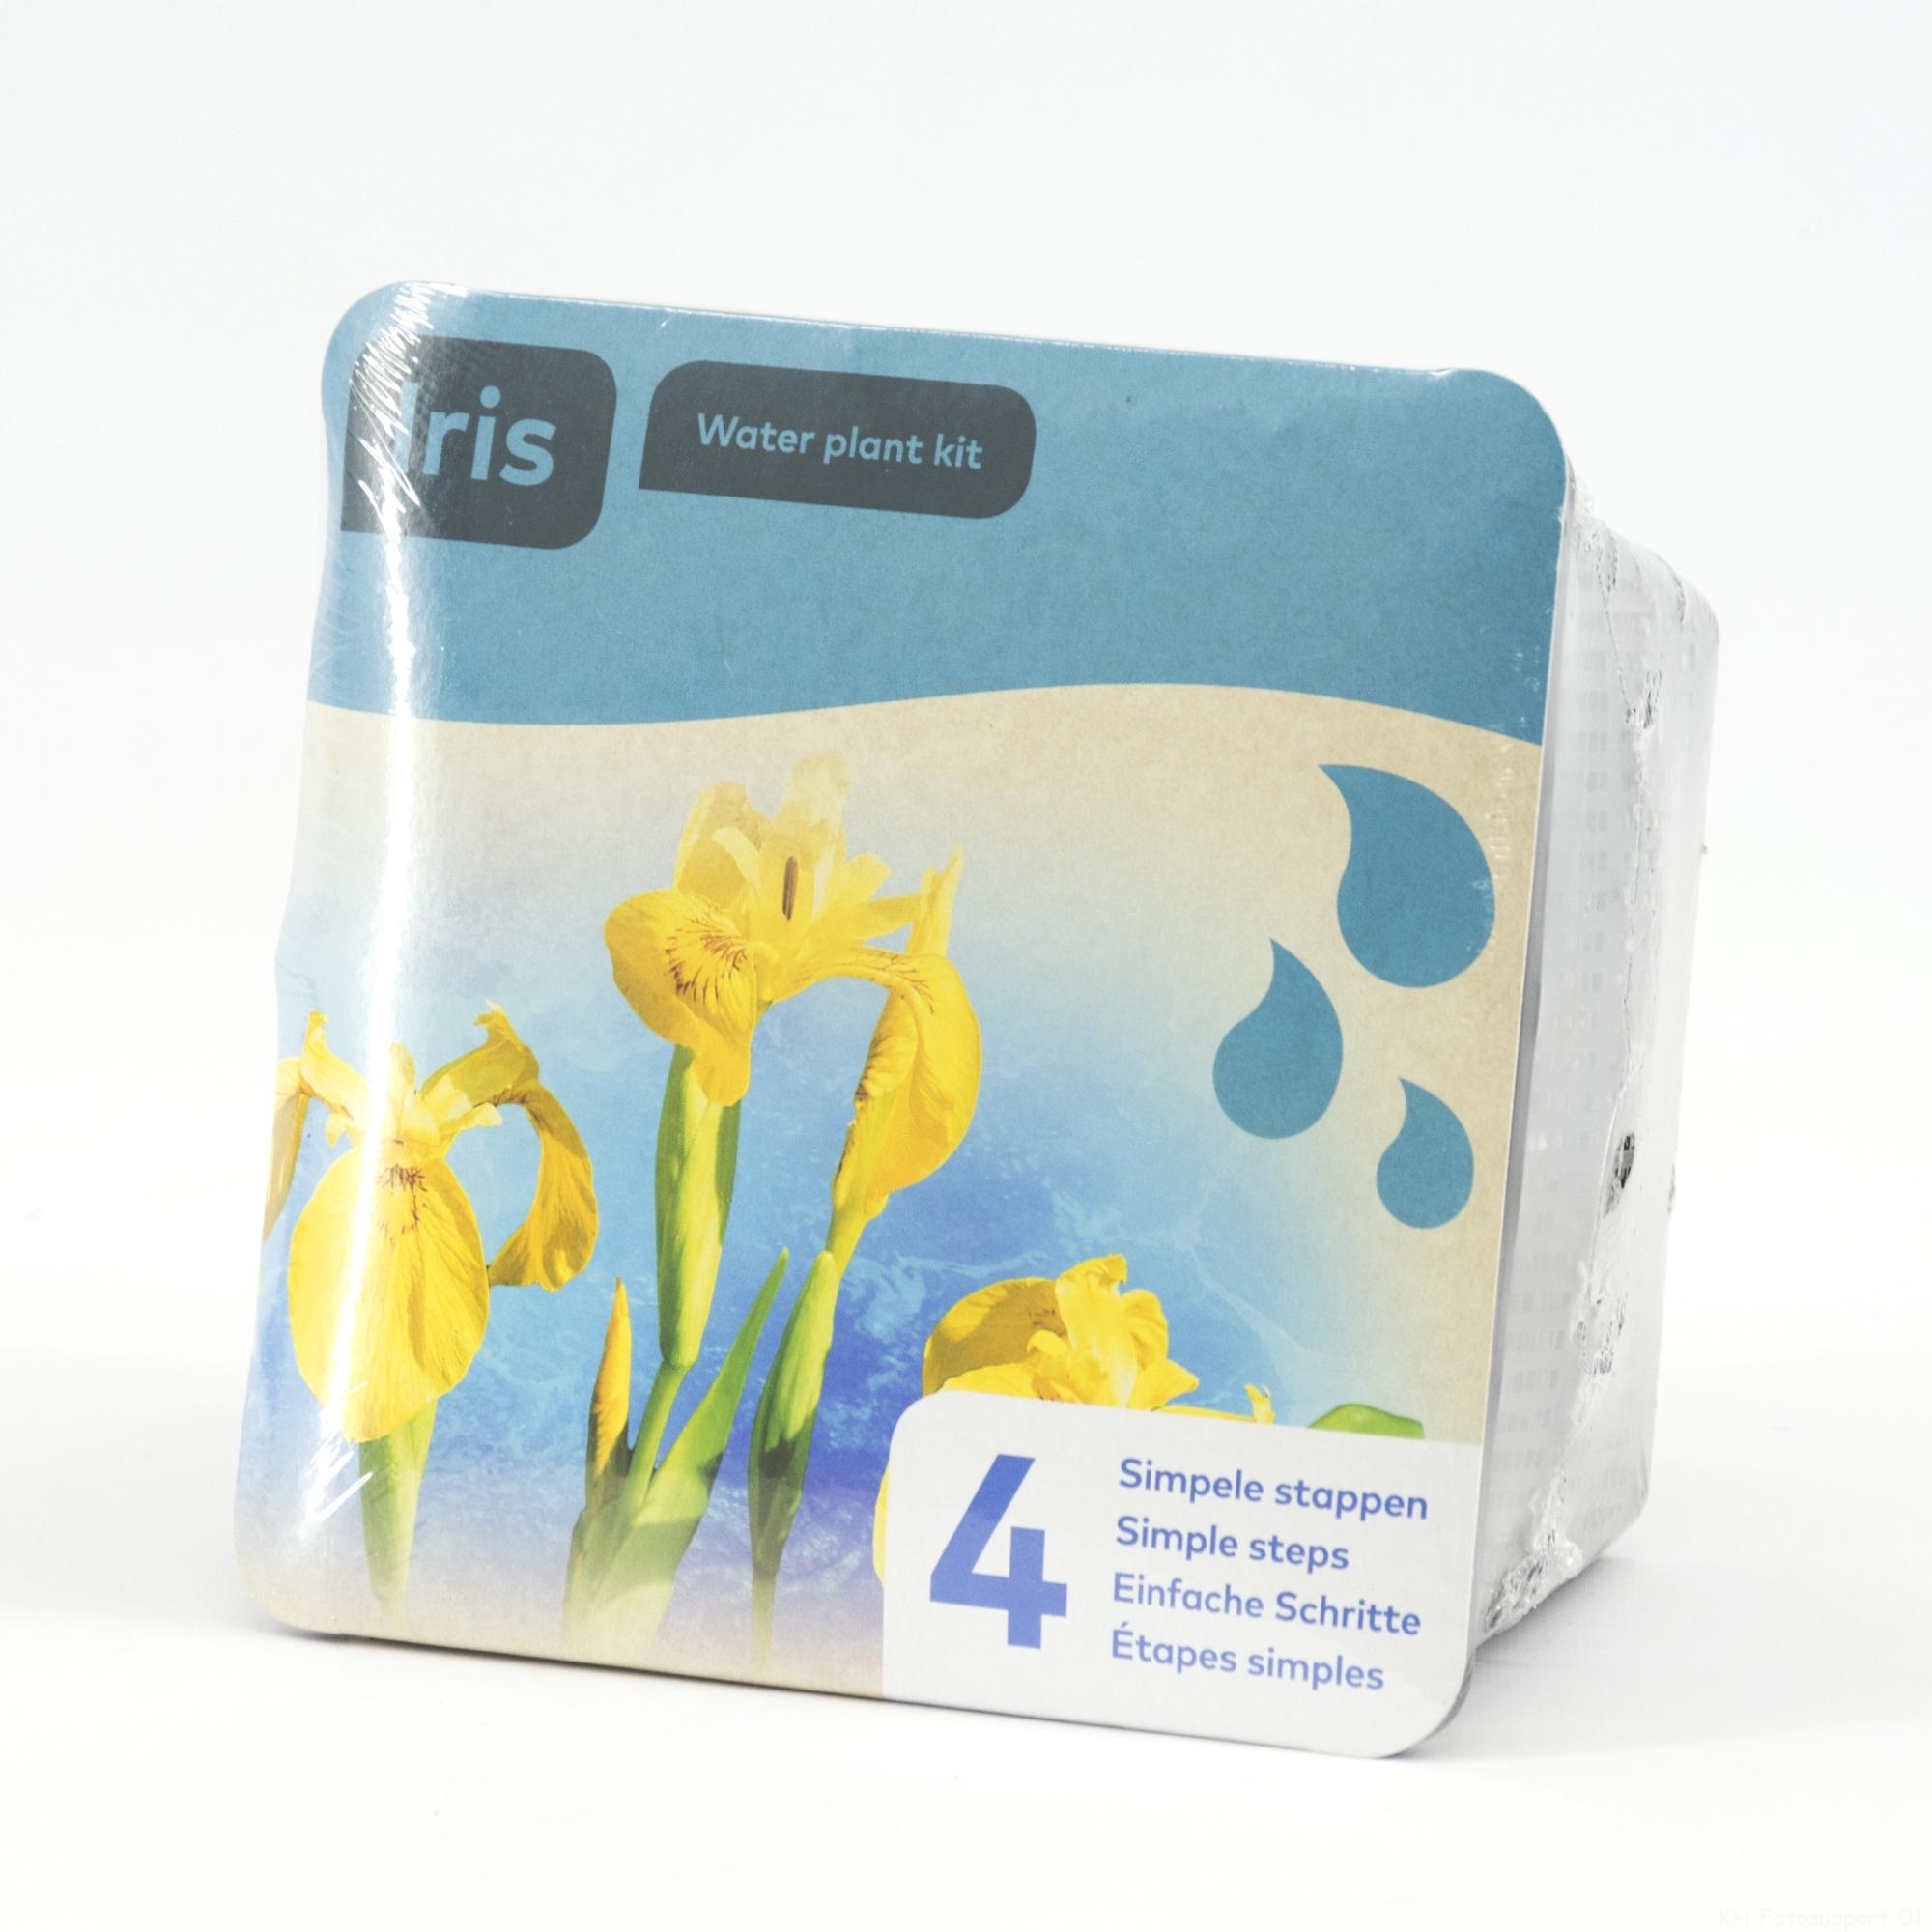 B 20930 Droogverpakking waterpl gele Iris 20180320121006